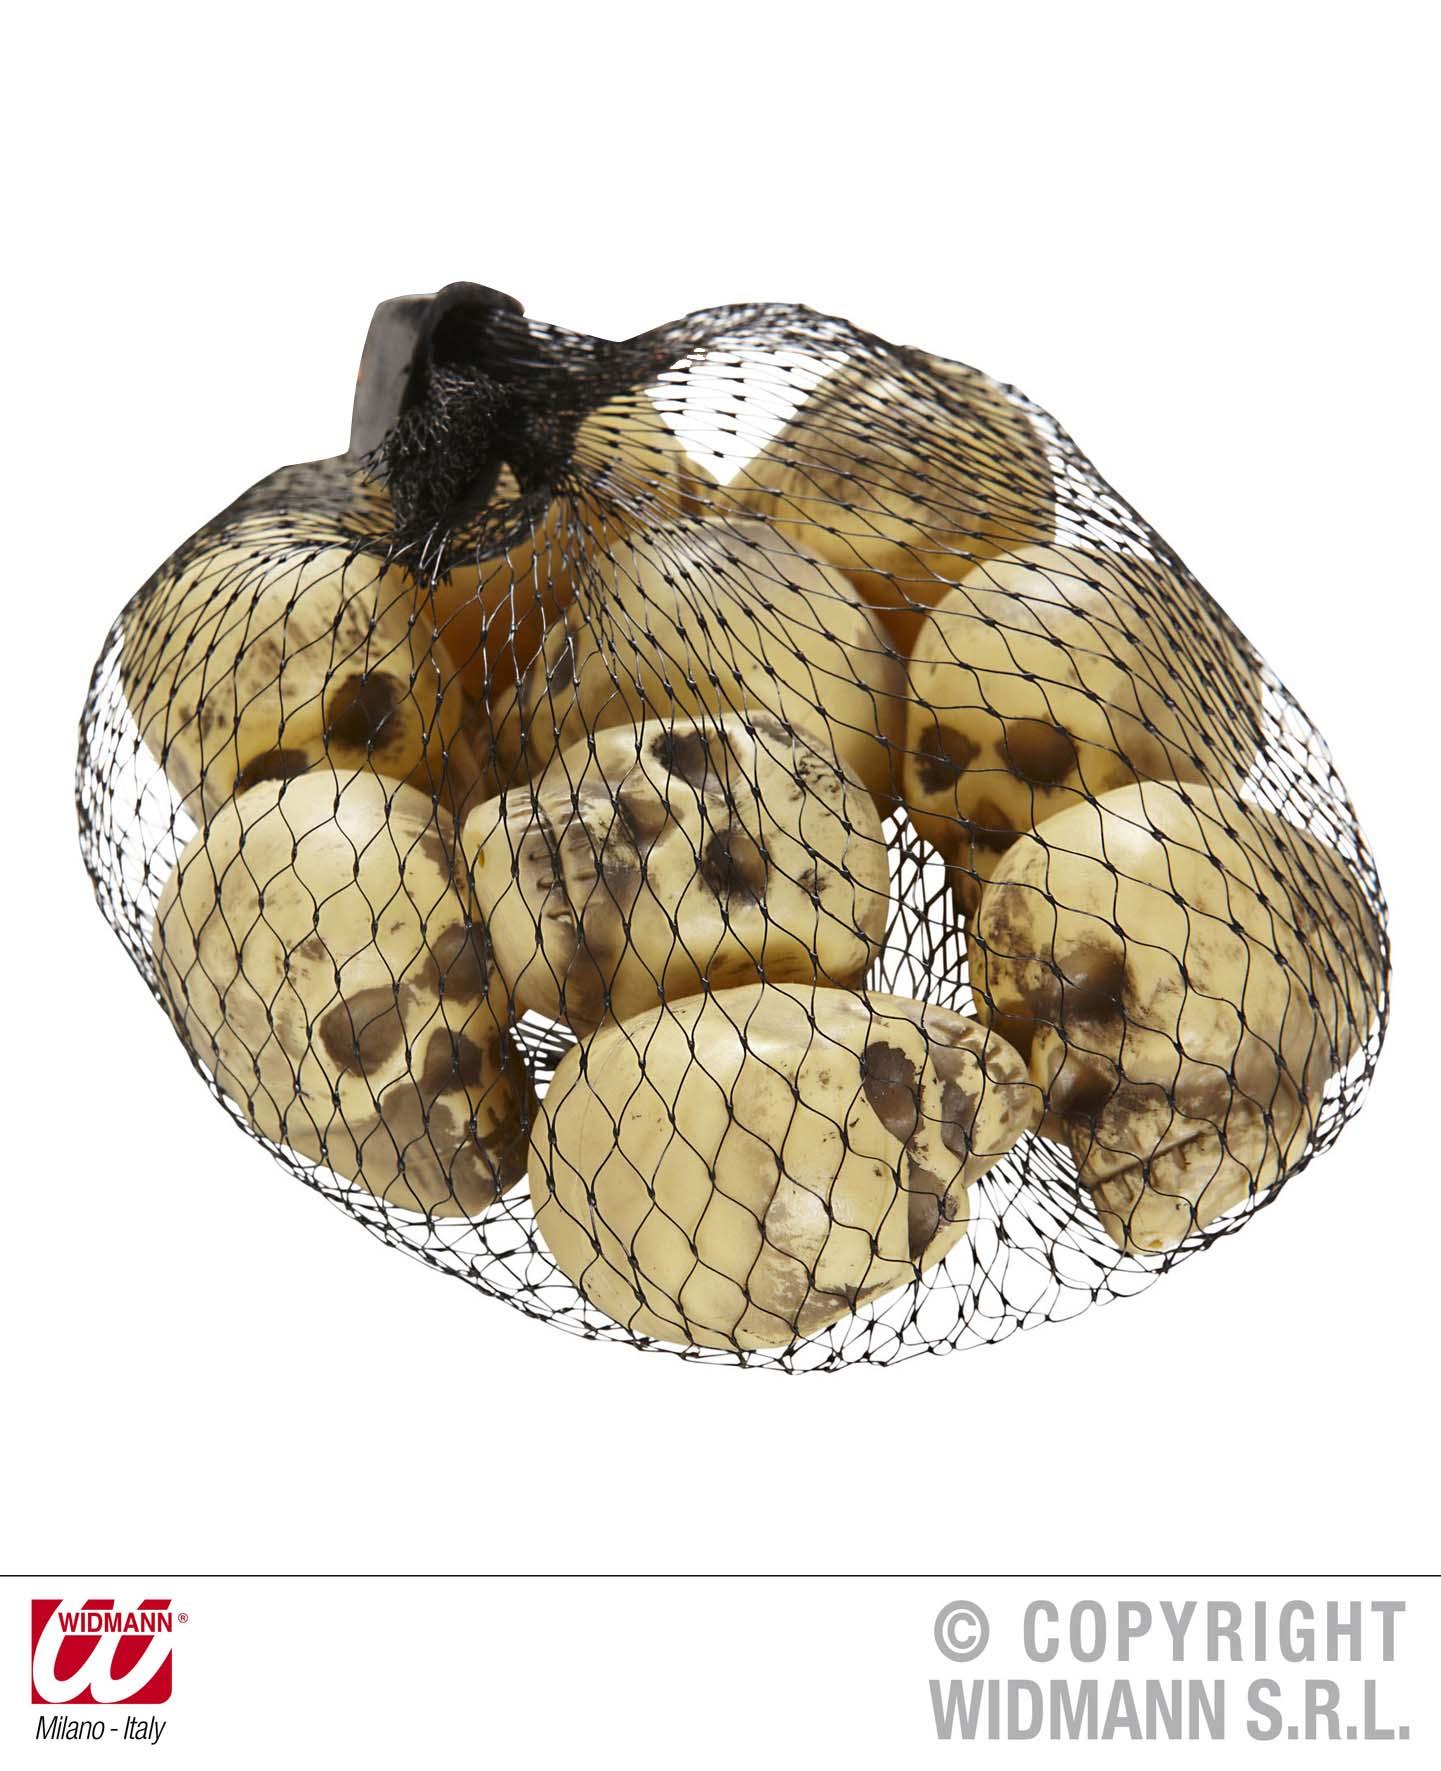 9 Stck. Totenköpfe Schädel klein im Netz ca. 5 cm DEKO Grusel, 8705